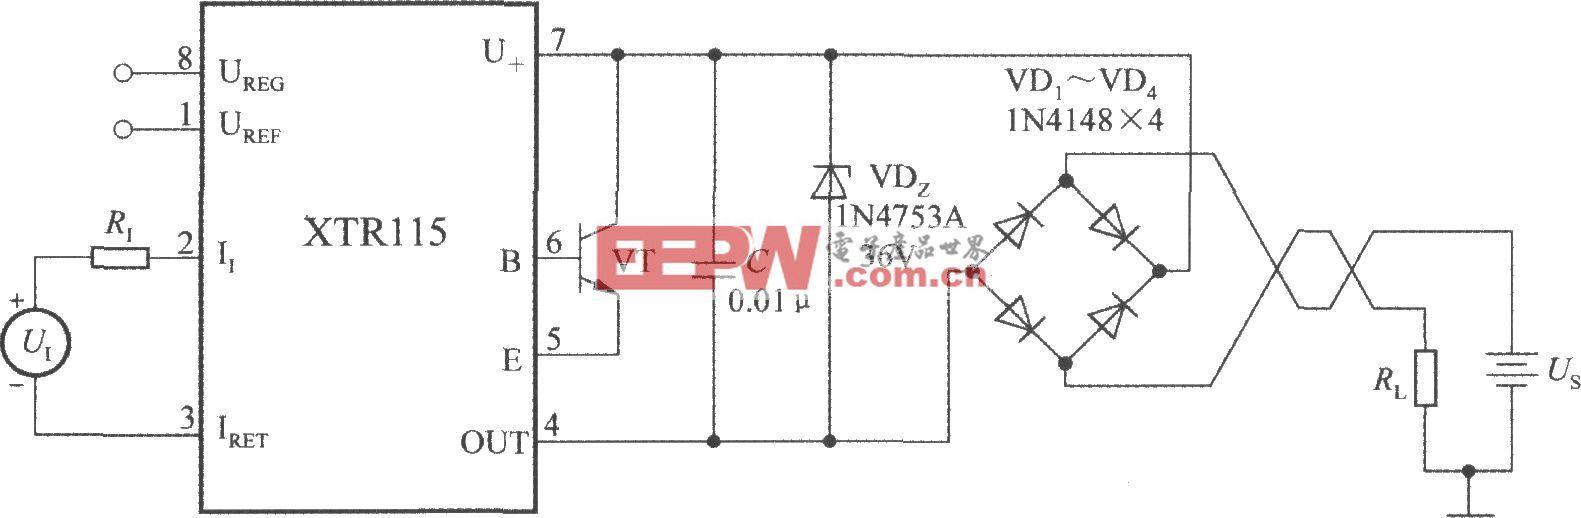 精密電流變送器XTR115的保護電路